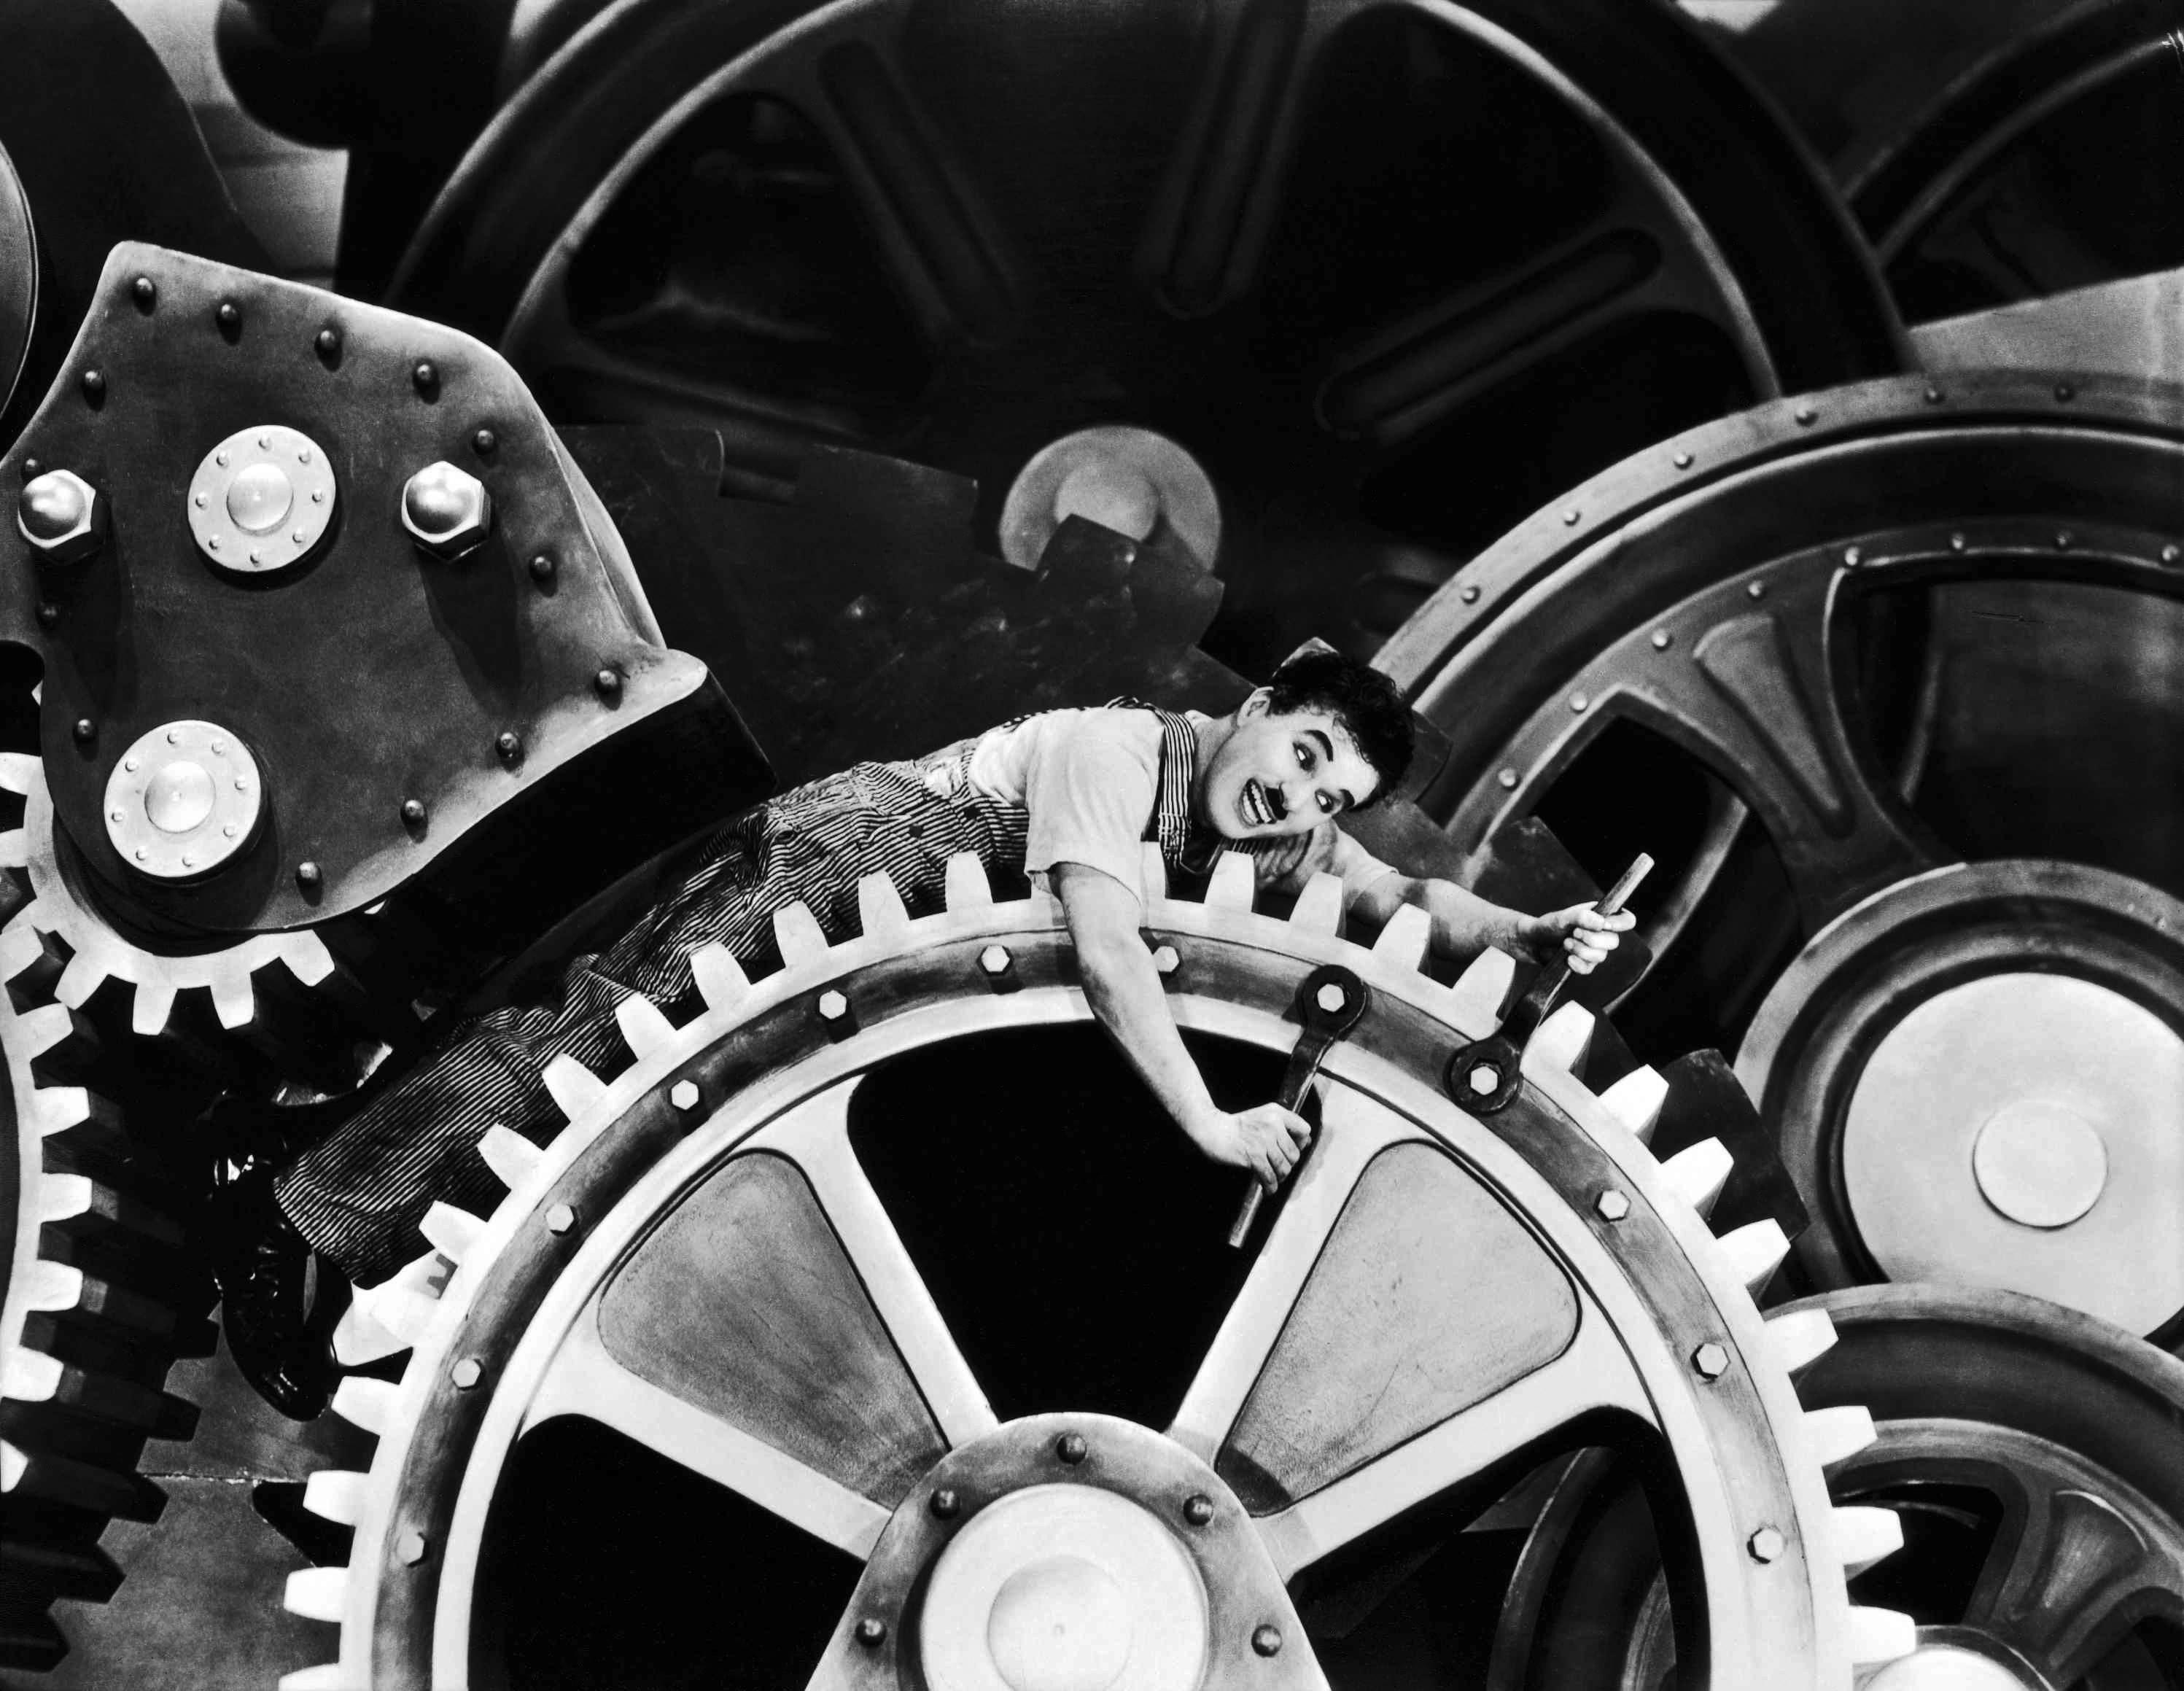 Cine Passeio exibe clássicos de Charles Chaplin com entrada gratuita